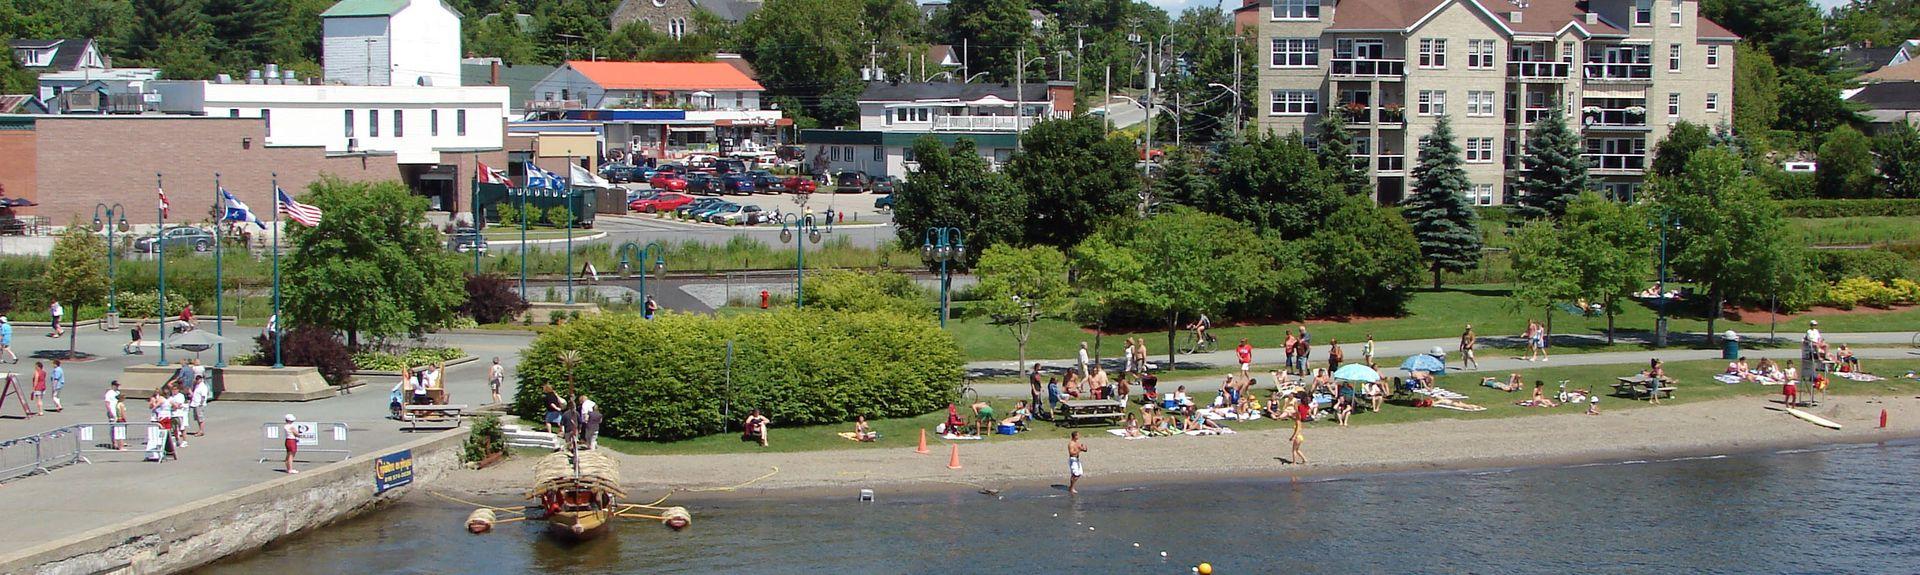 Magog, Quebec, Canada